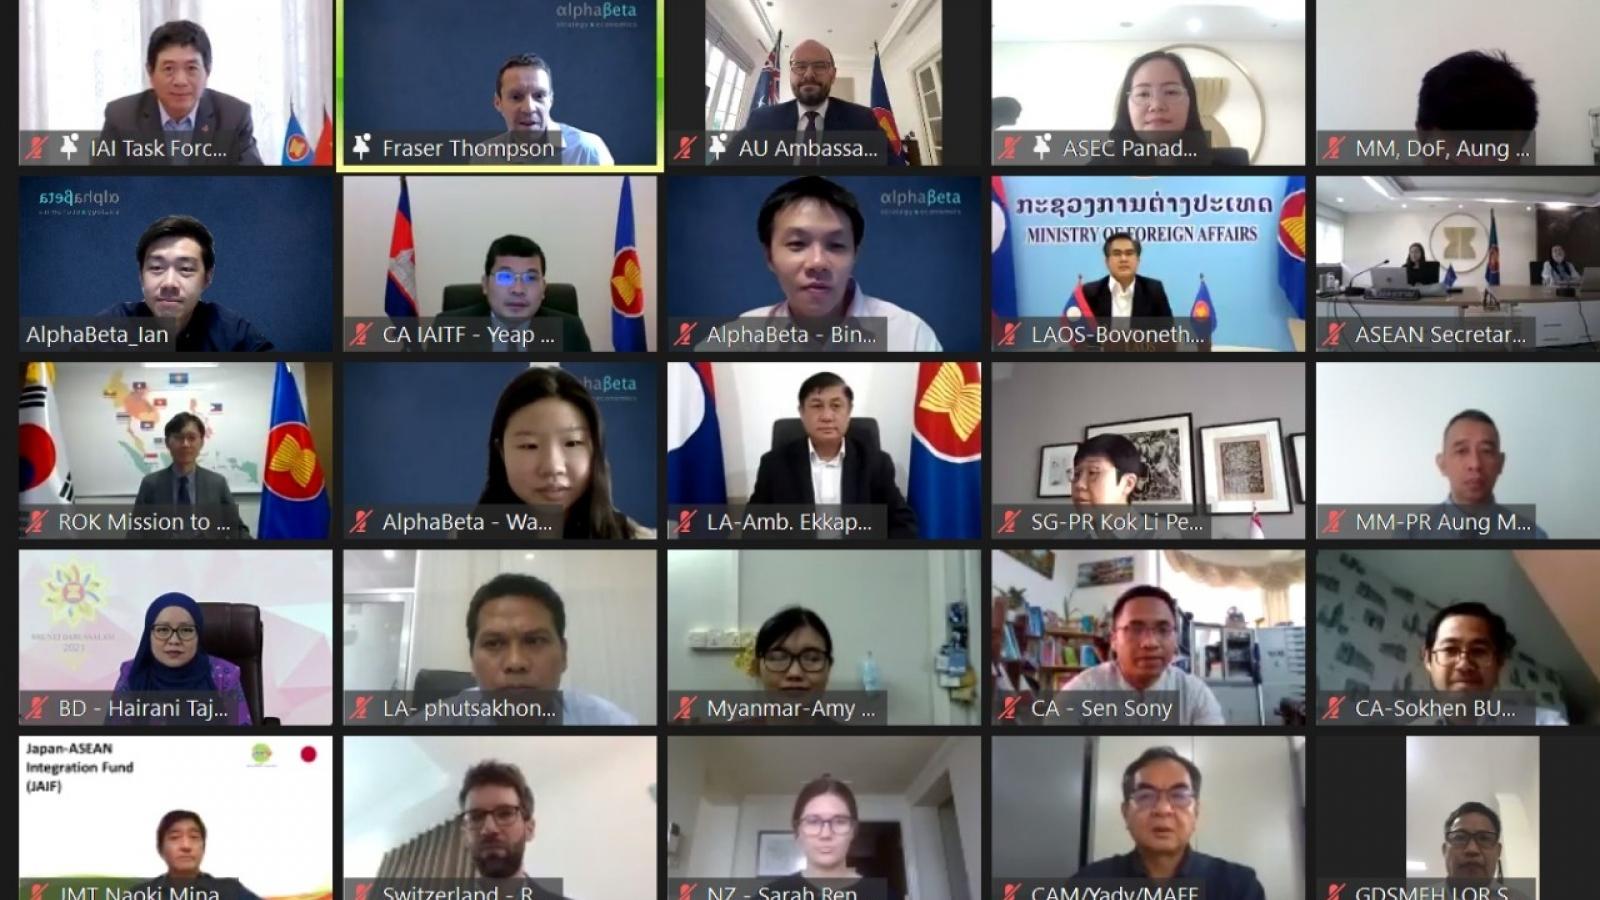 Triển khai Kế hoạch Công tác giai đoạn IV của Sáng kiến liên kết ASEAN